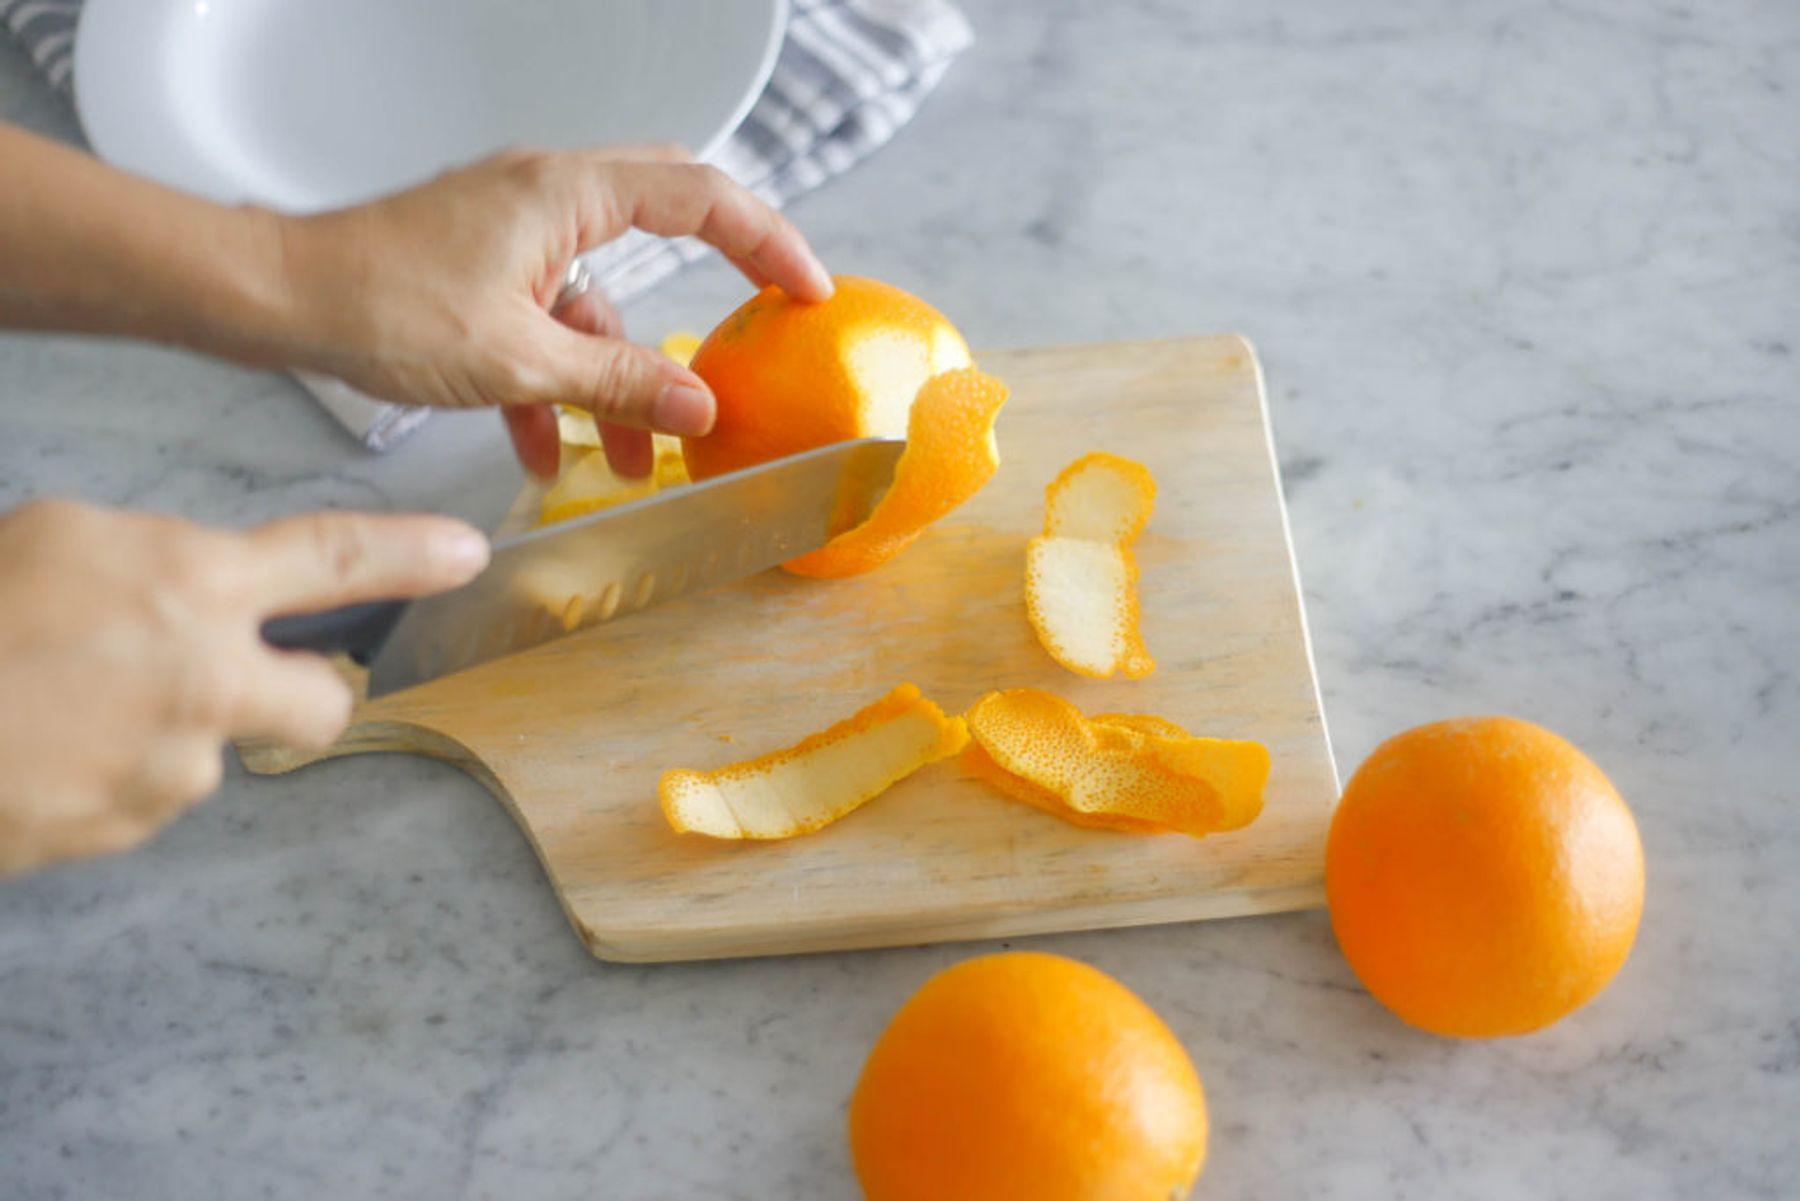 Dùng vỏ bưởi/ cam/ chanh làm nước lau bếp an toàn và diệt khuẩn tốt | Cleanipedia